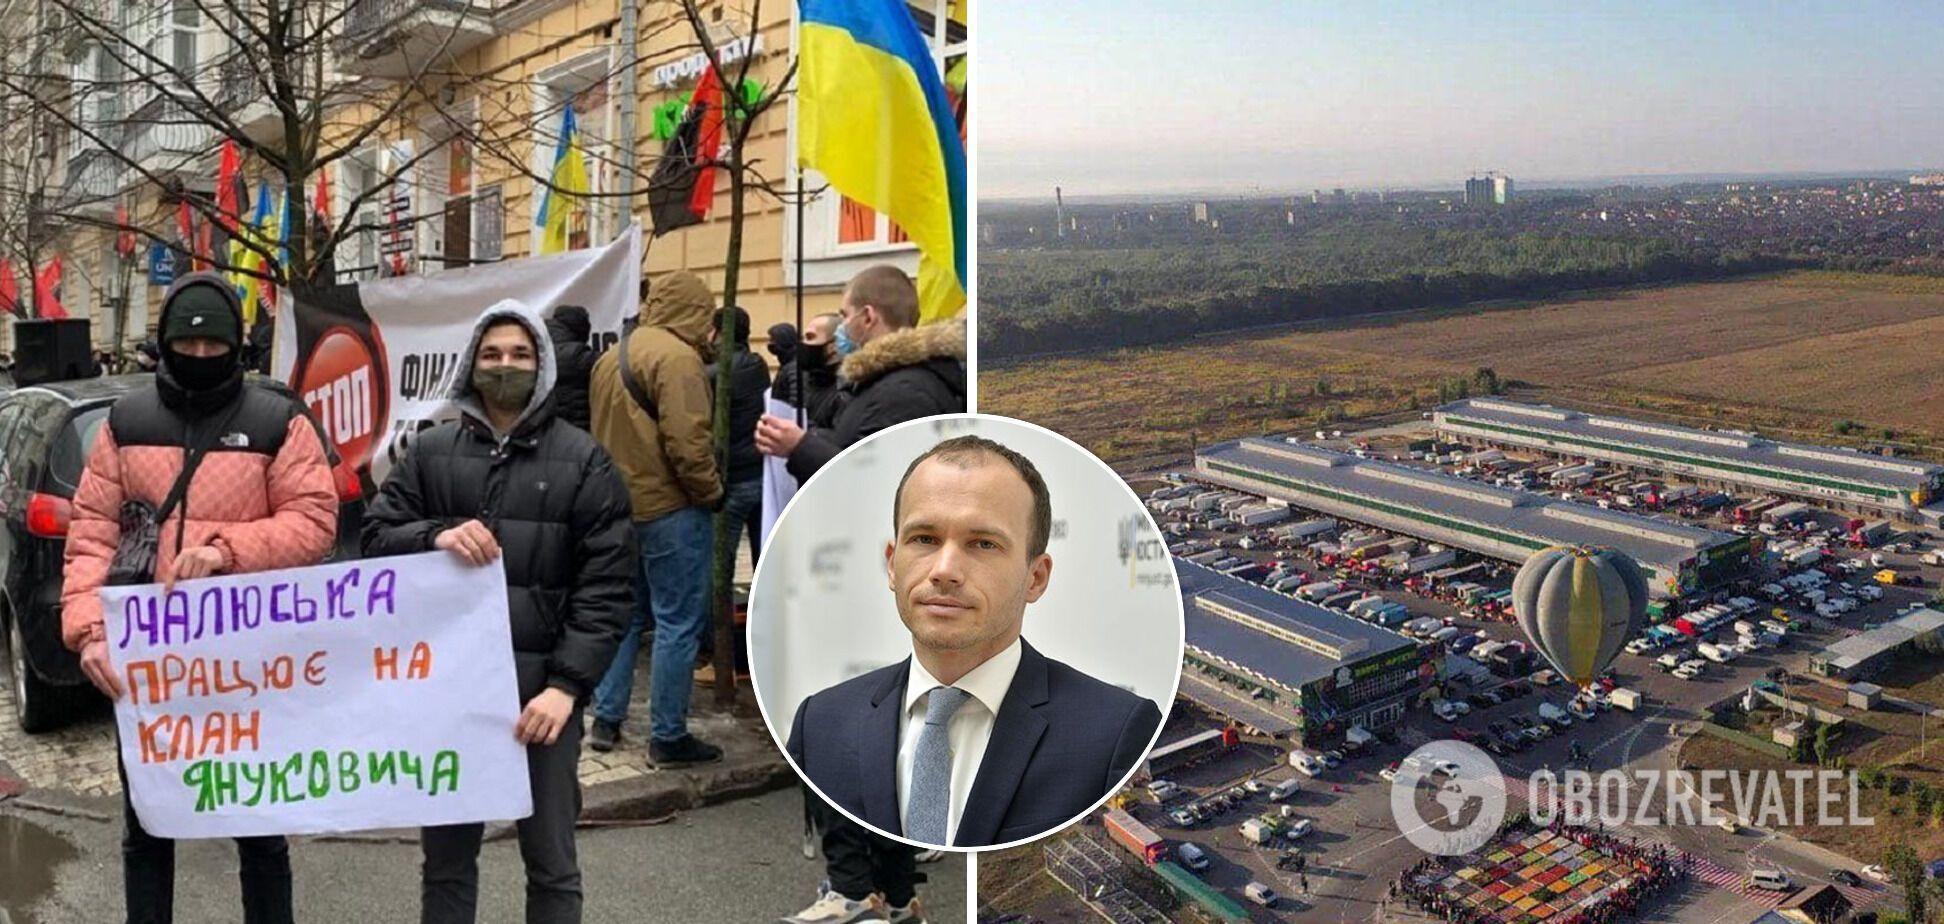 Неизвестные под флагами ПС пикетировали село на Киевщине: искали дом министра Малюськи, – источник